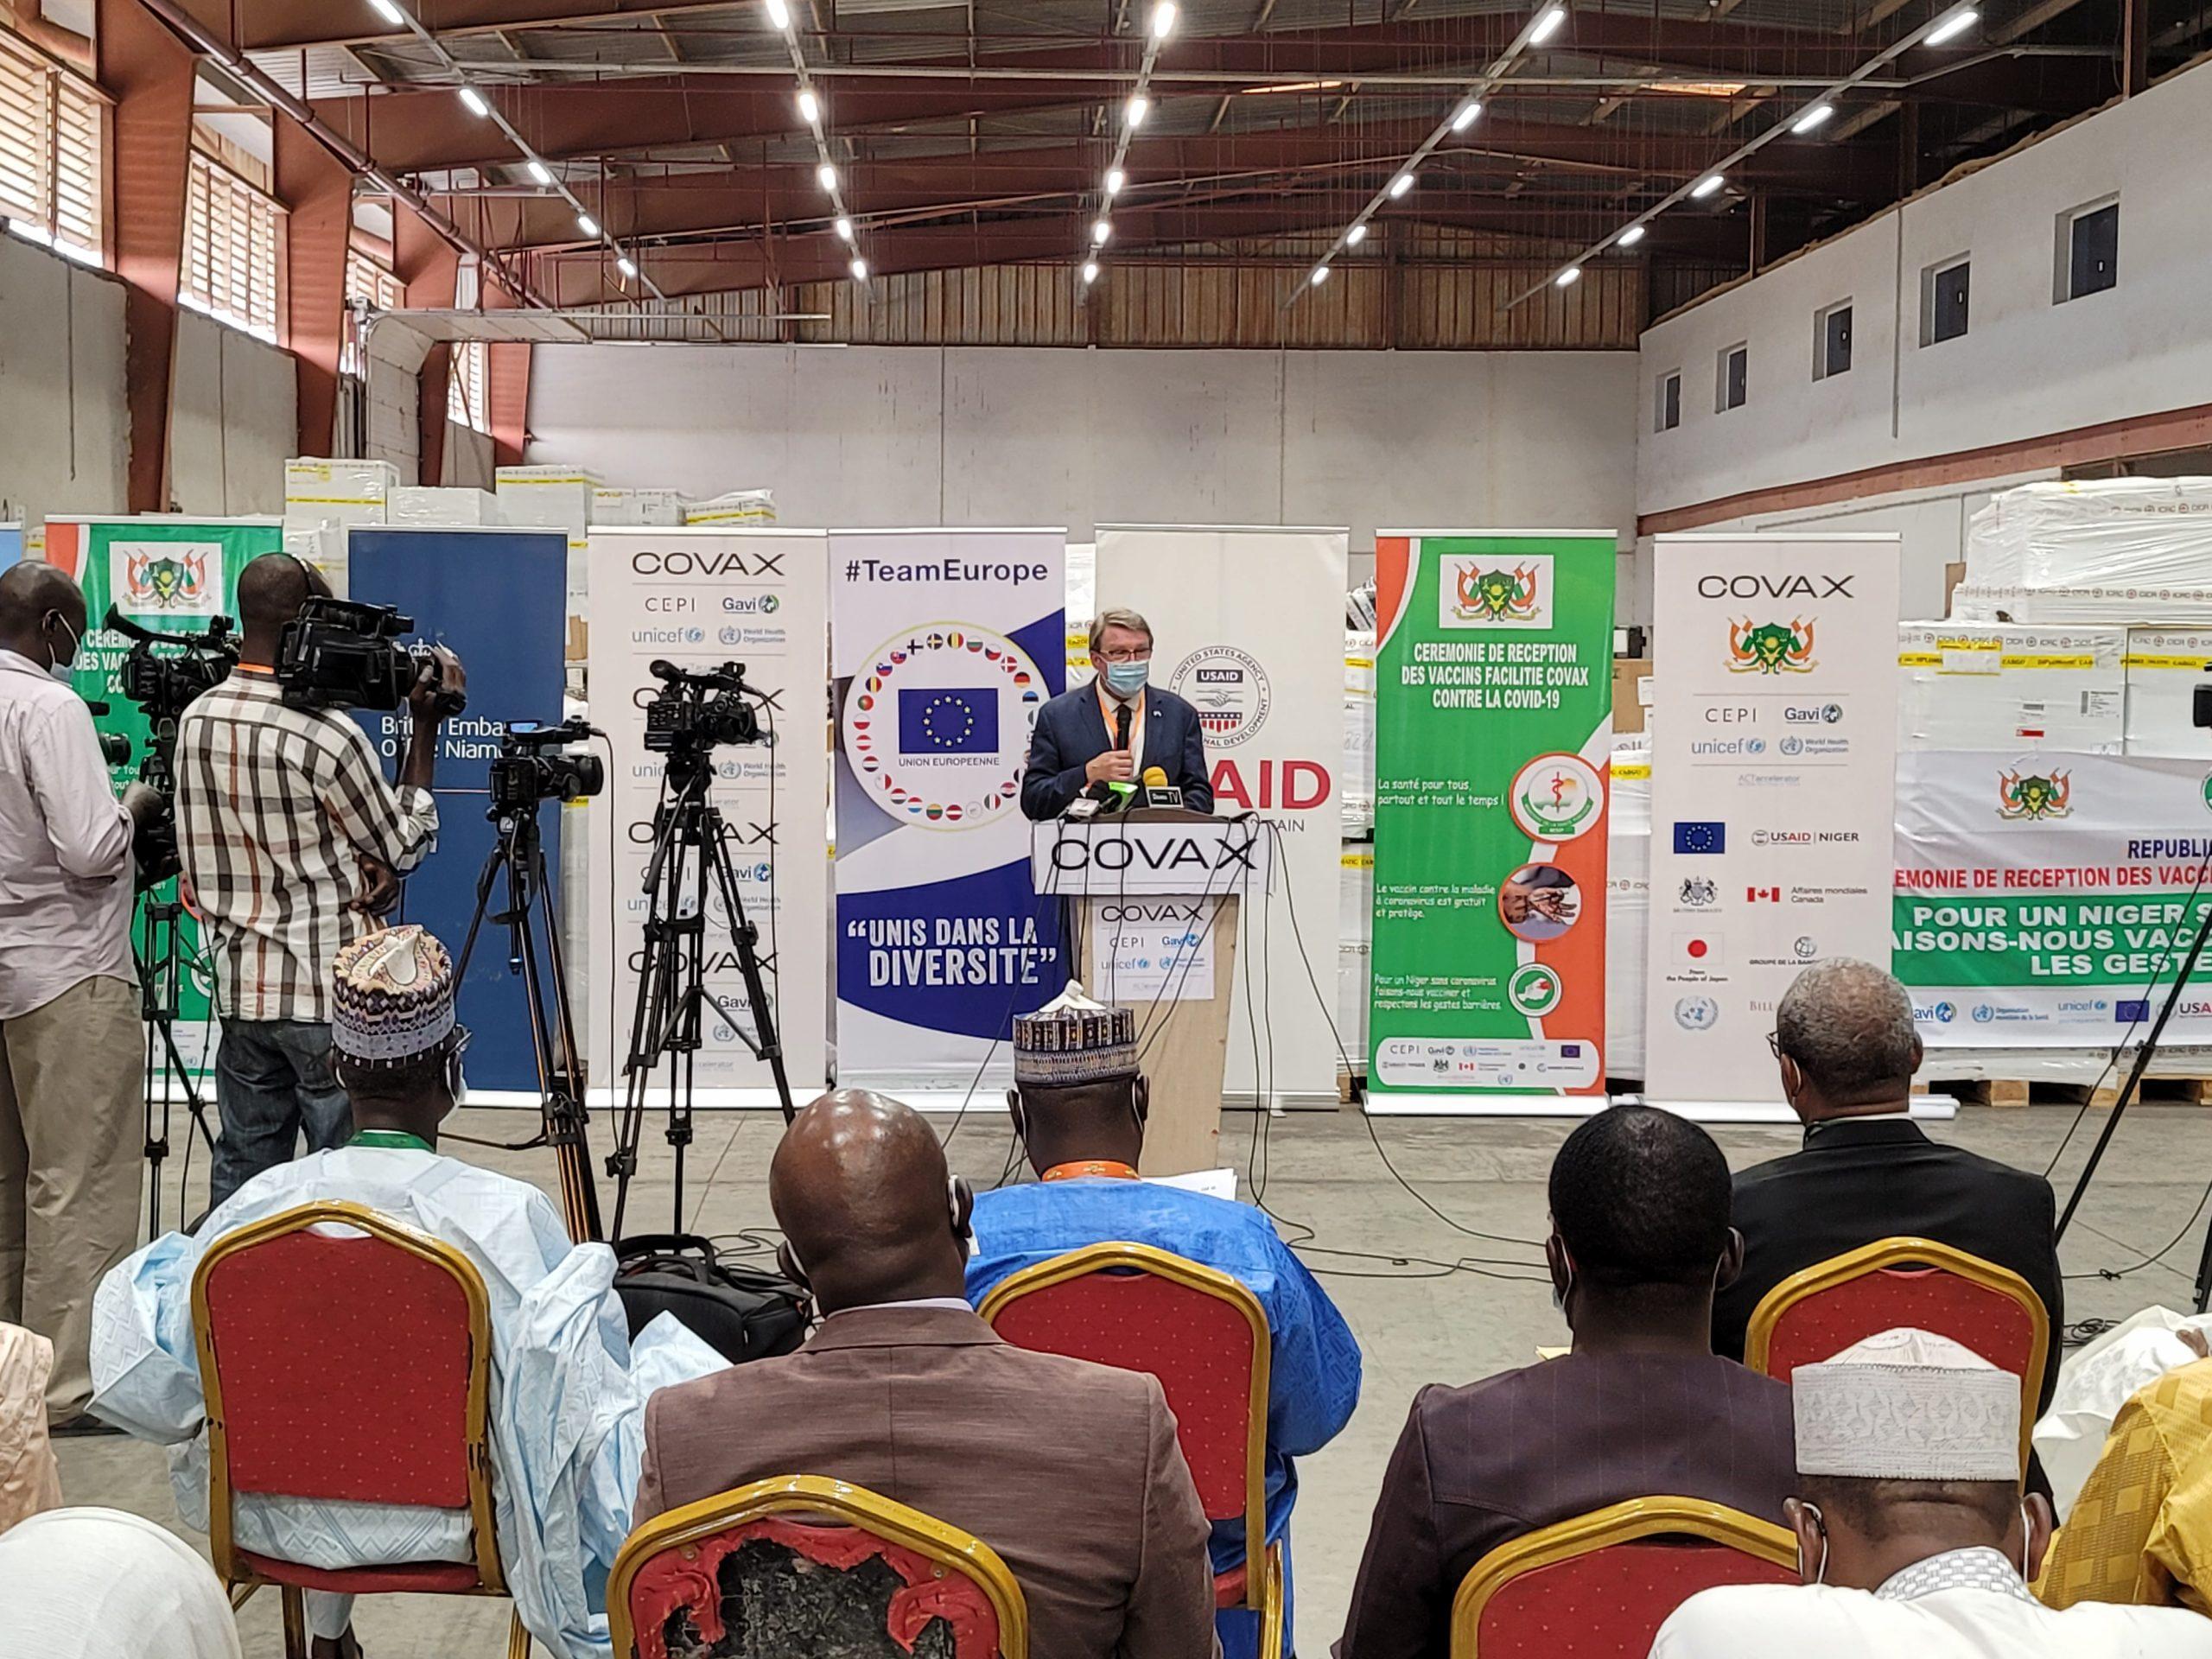 Ambassade des États-Unis d'Amérique au Niger: Remise de vaccins contre le COVID-19